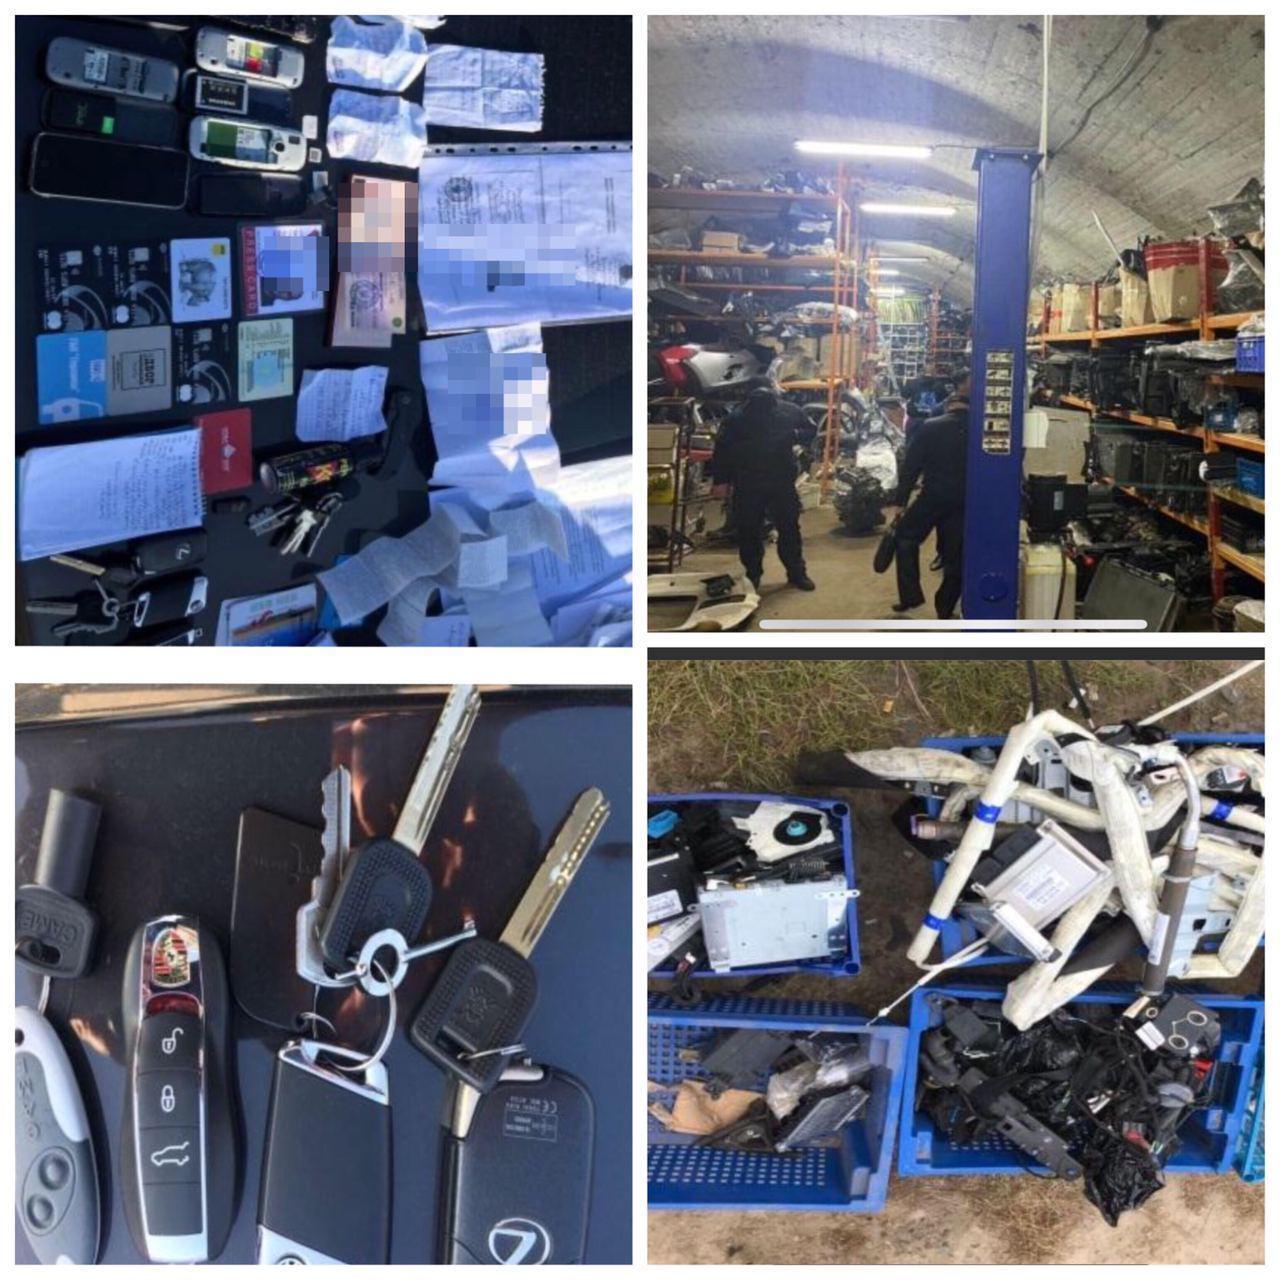 Найдены рации, пистолеты, патроны, десятки мобильных телефонов